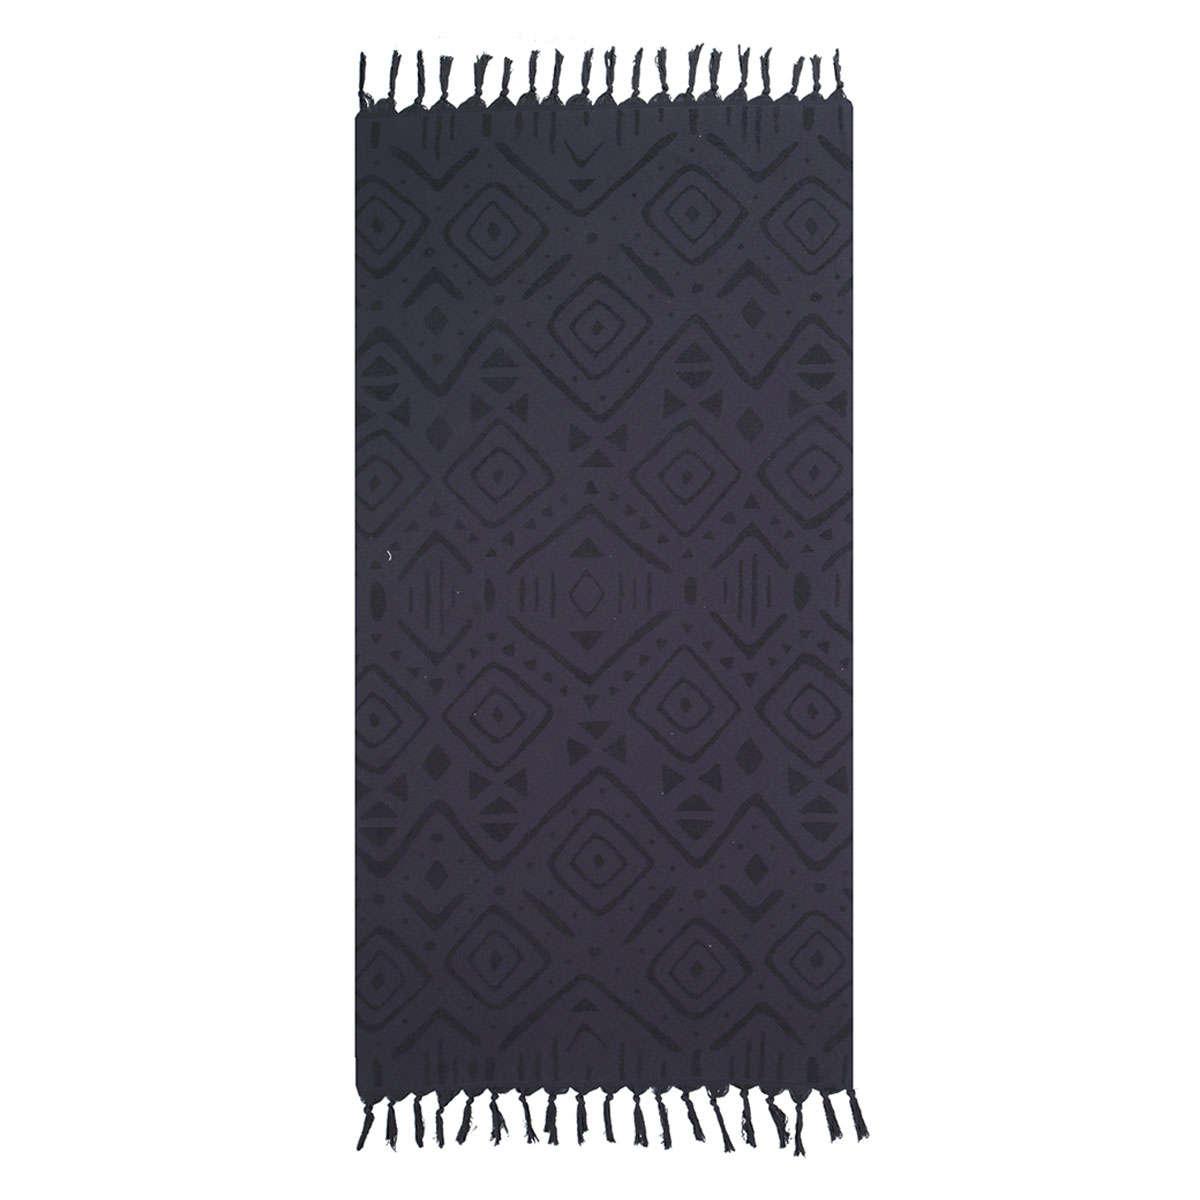 Πετσέτα Θαλάσσης True Black Nef-Nef Θαλάσσης 90x170cm